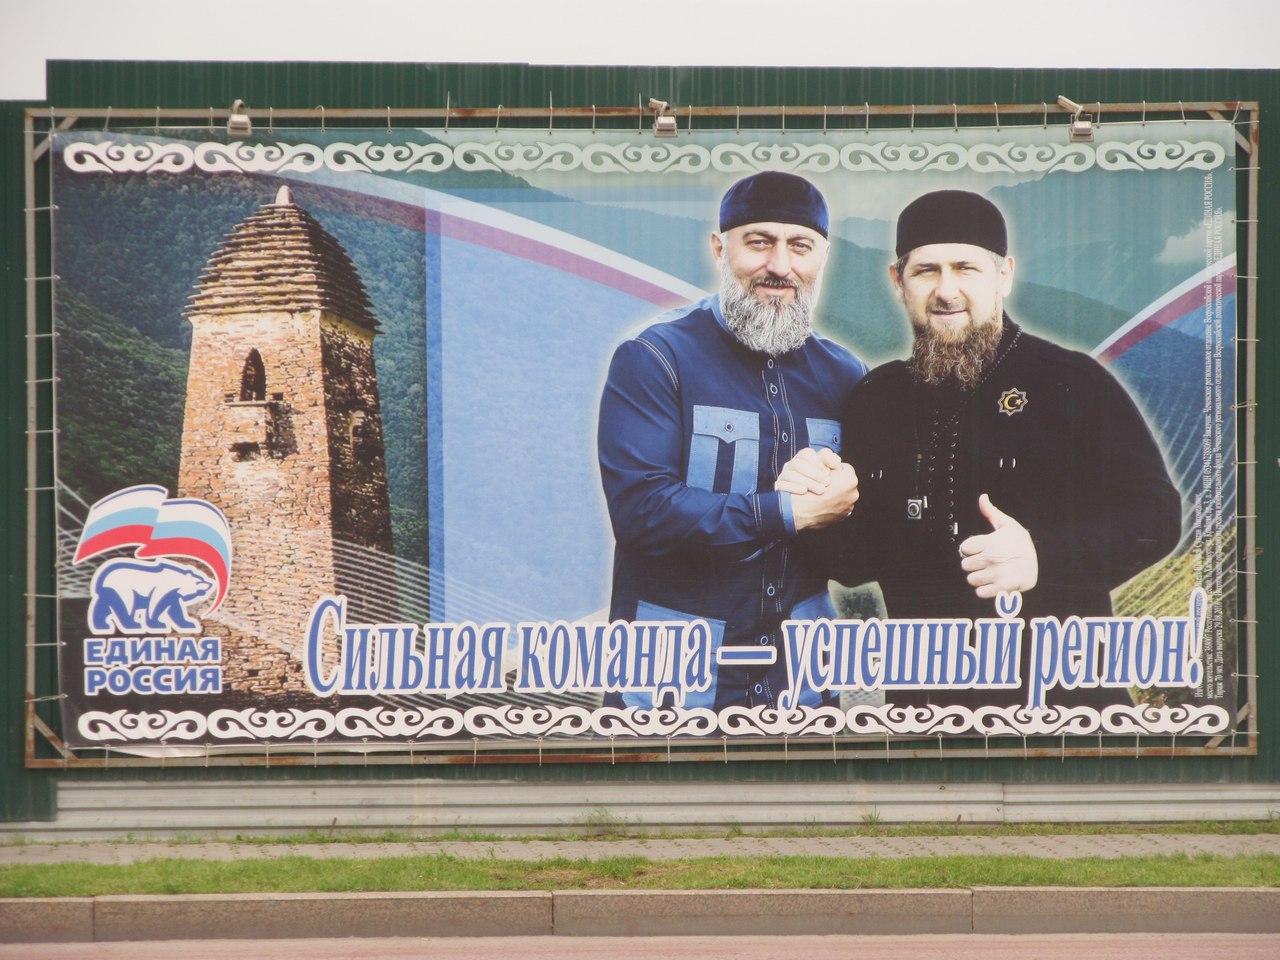 Подобные плакаты красуются повсюду. Местные уверены, что так и должно быть